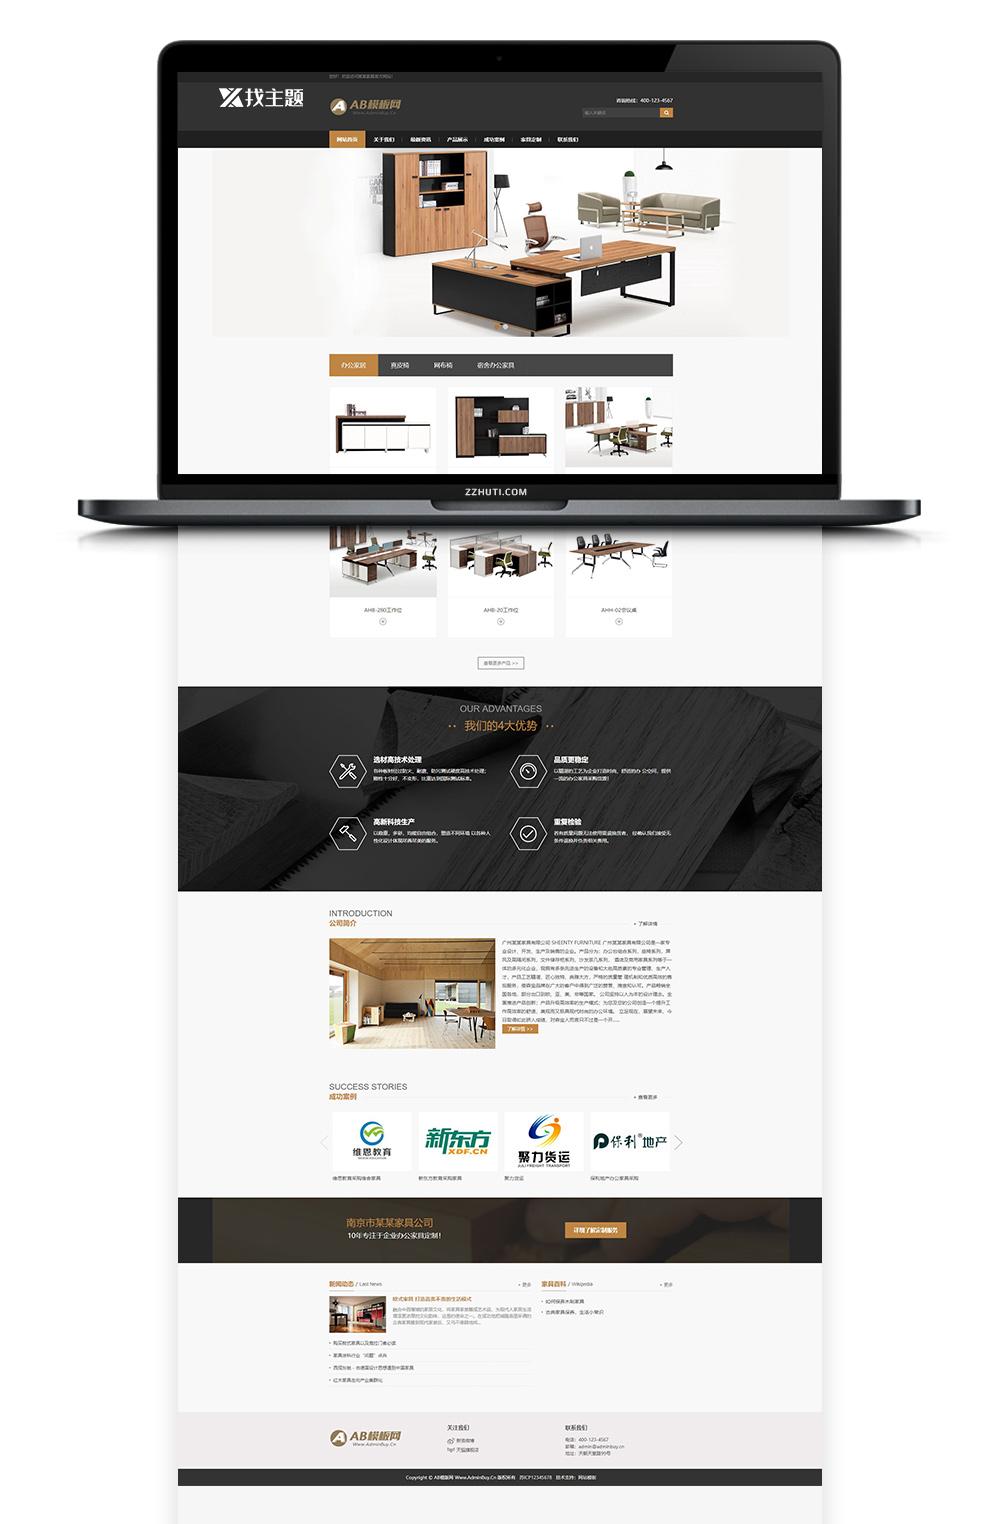 【家具网站源码】织梦cms模板 棕色家具网站模板[带手机版数据同步]-酷网站源码